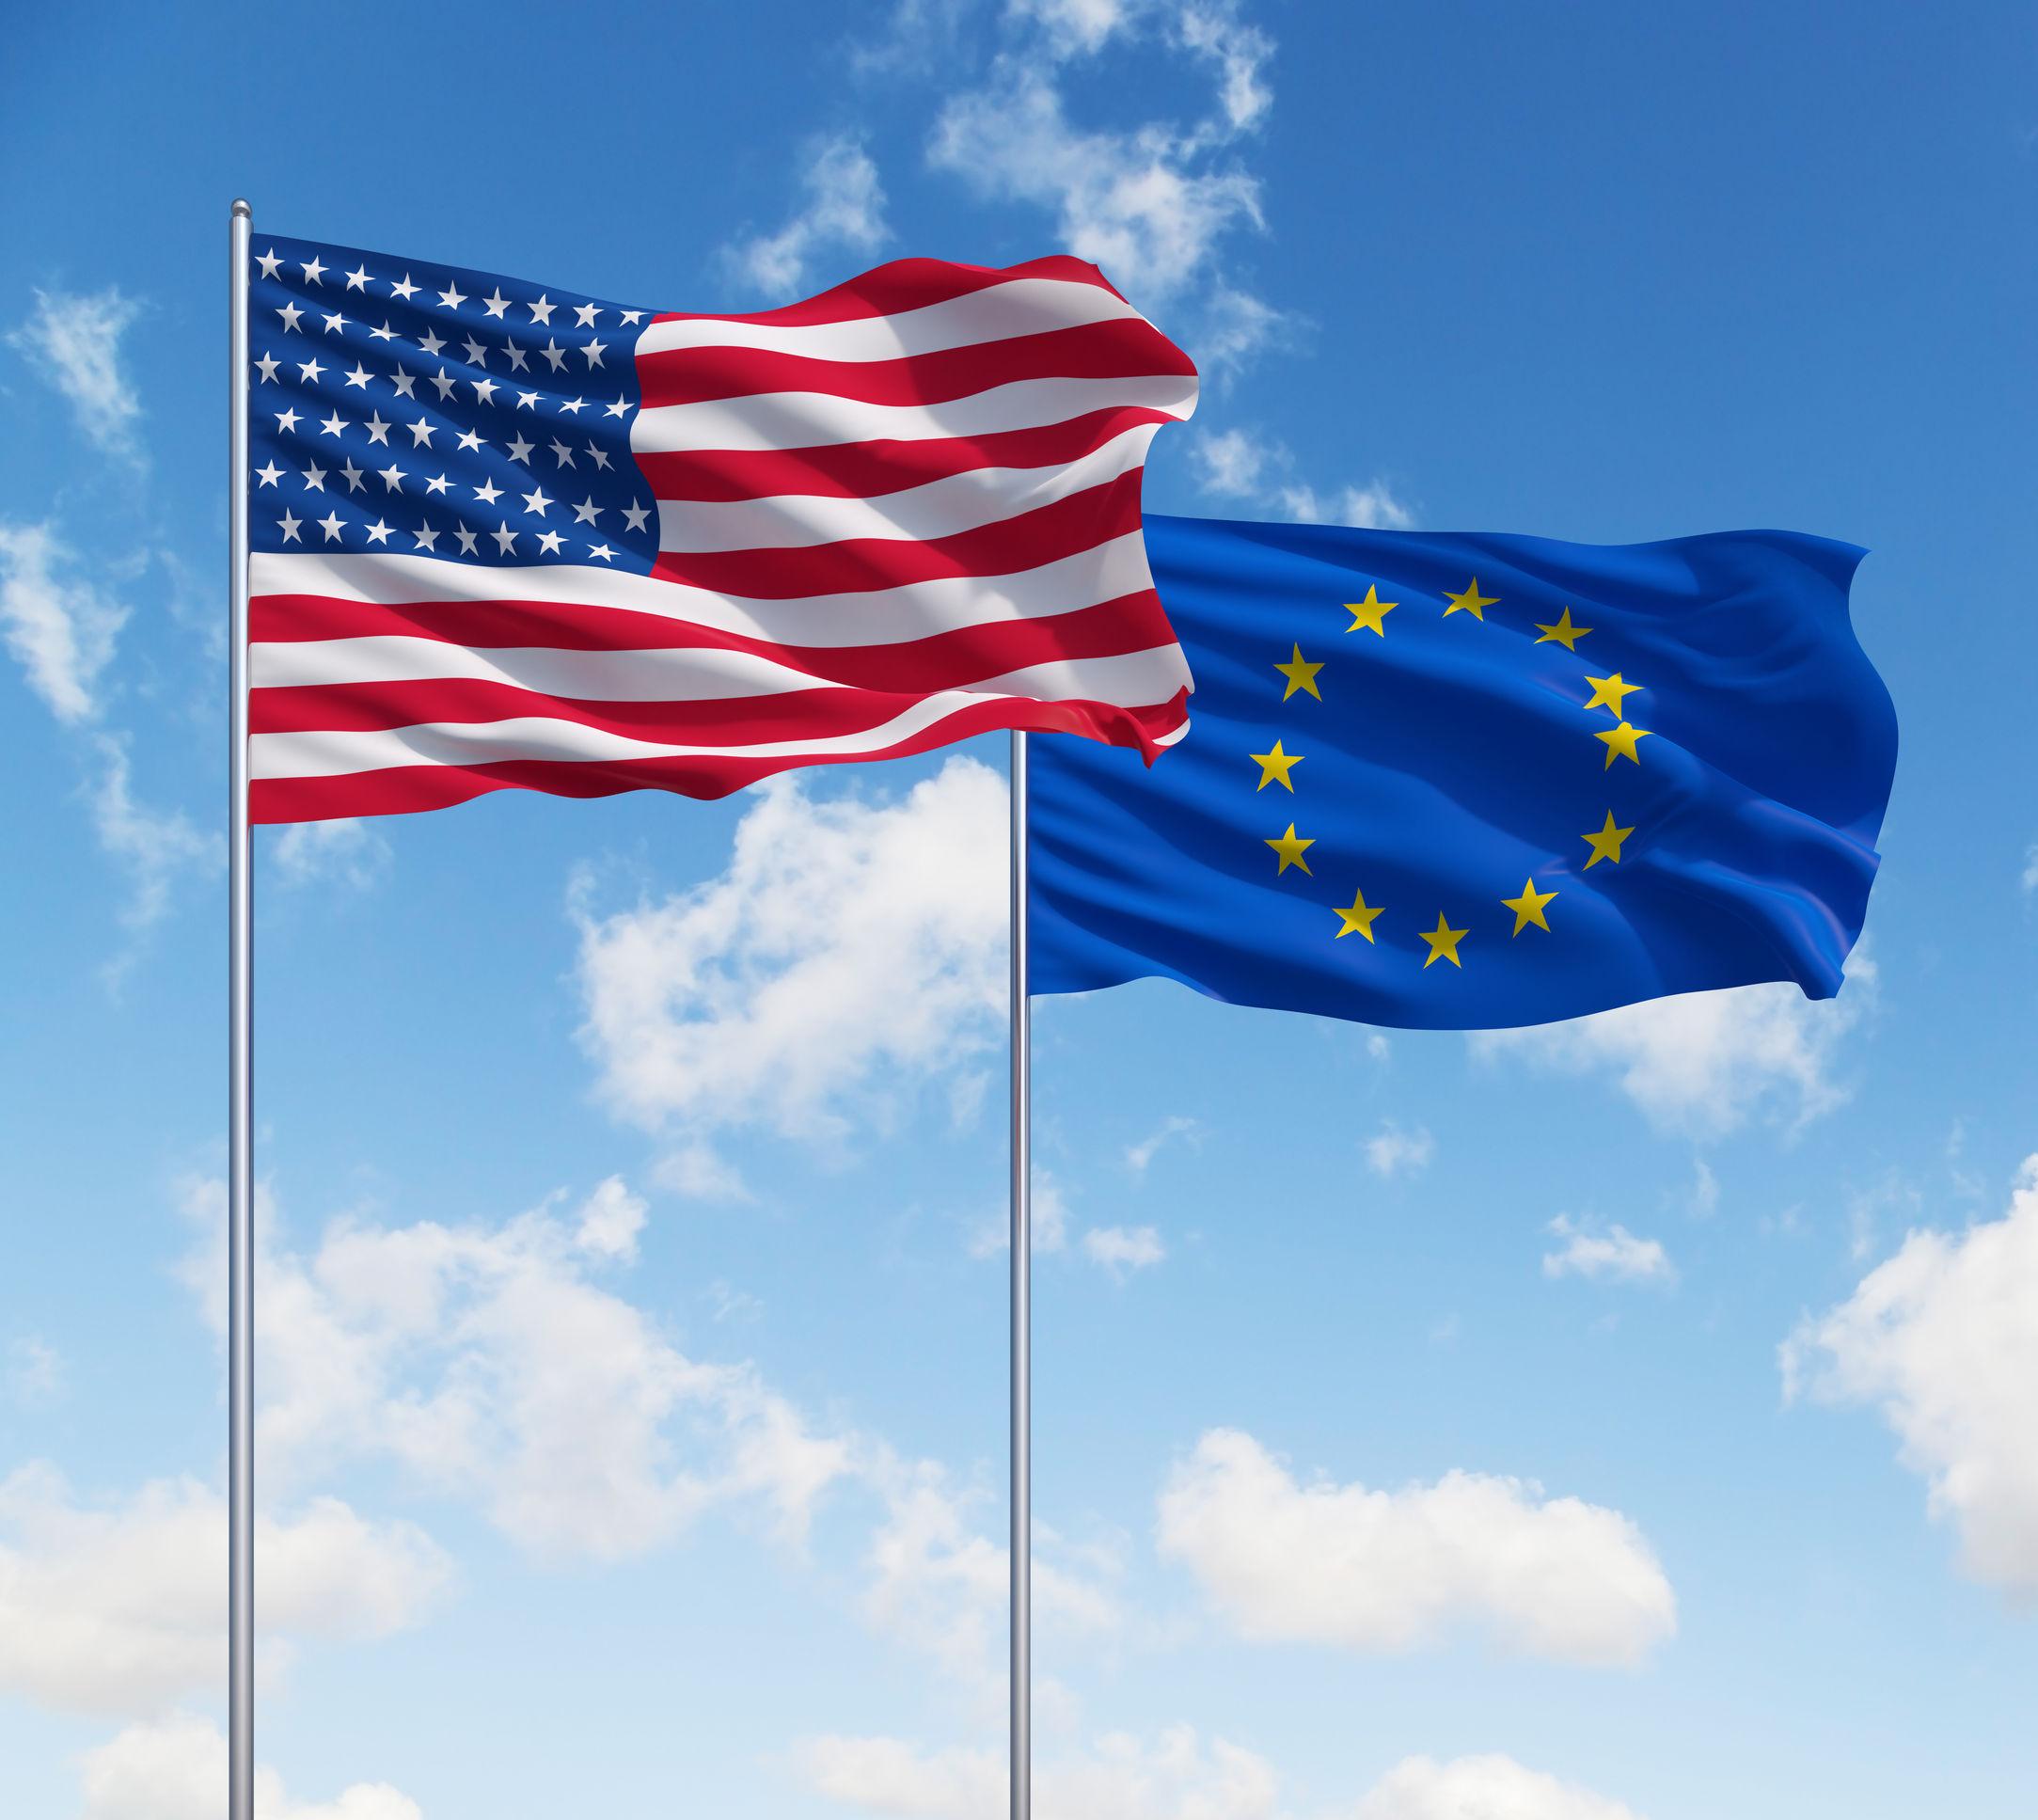 SUA sancţionează zeci de oficiali din Belarus, în coordonare cu Uniunea Europeană